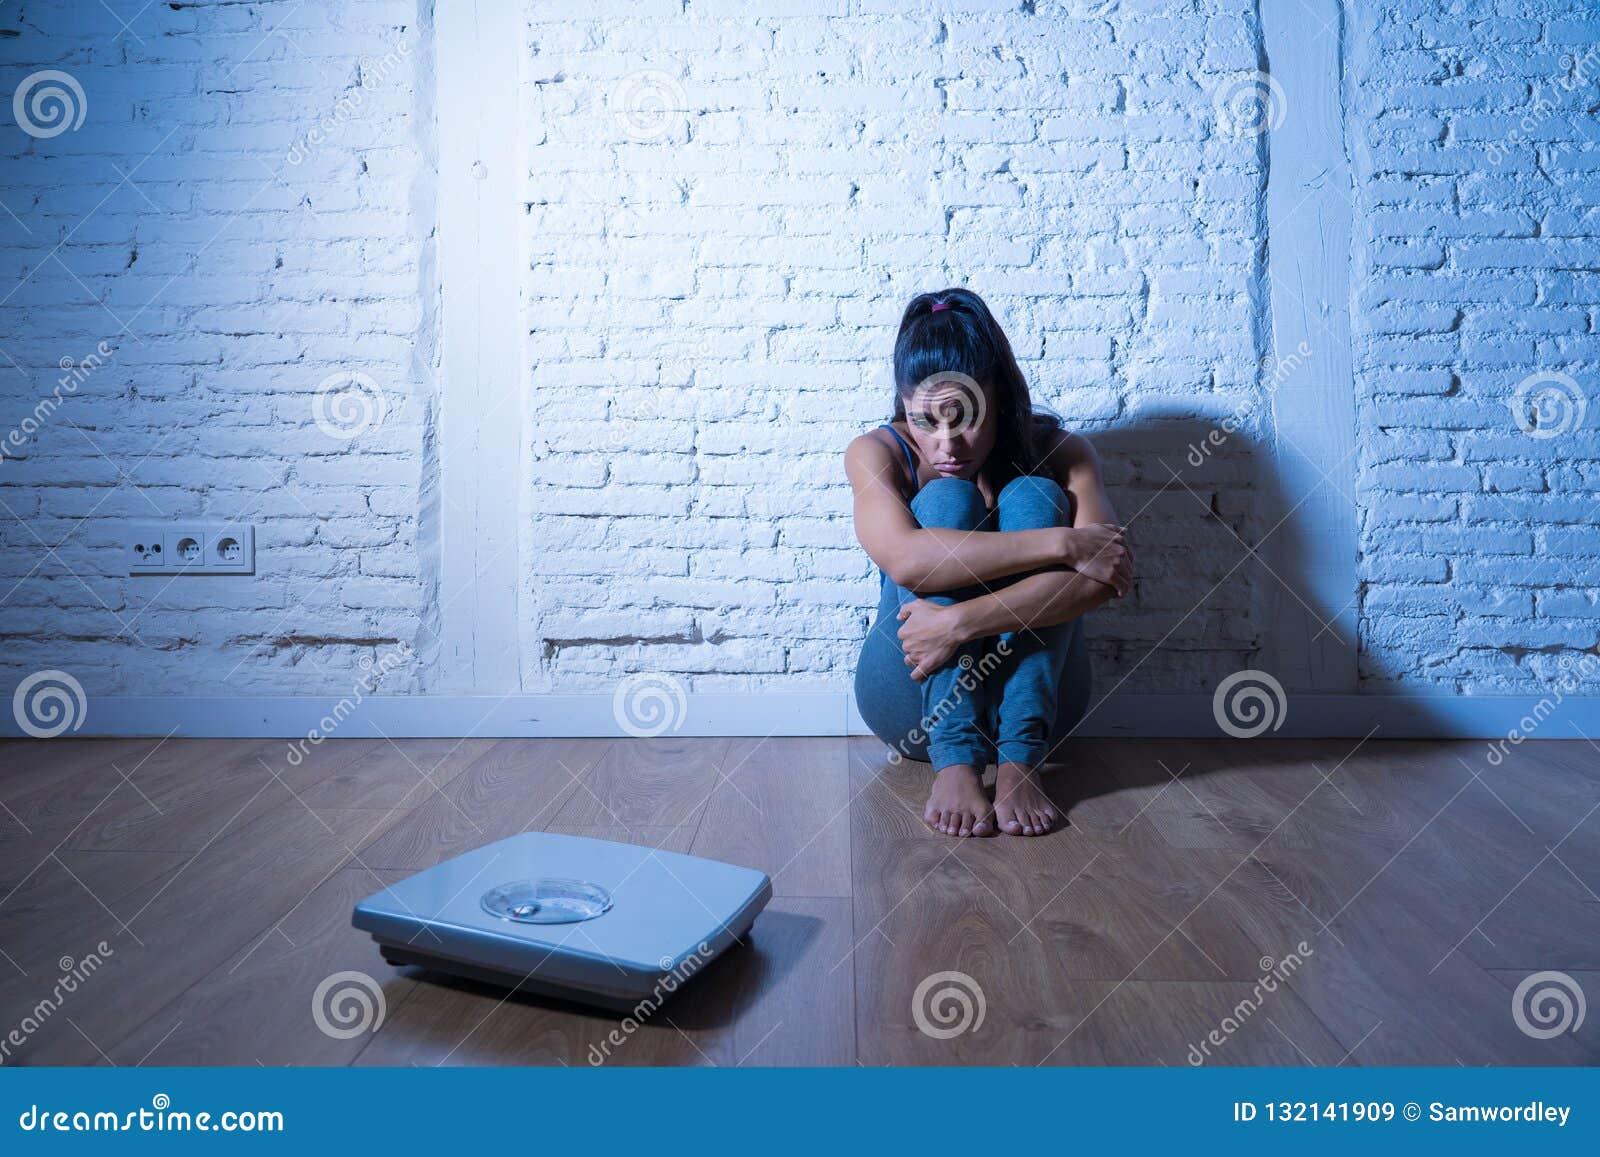 Eating disorders in teenage girls